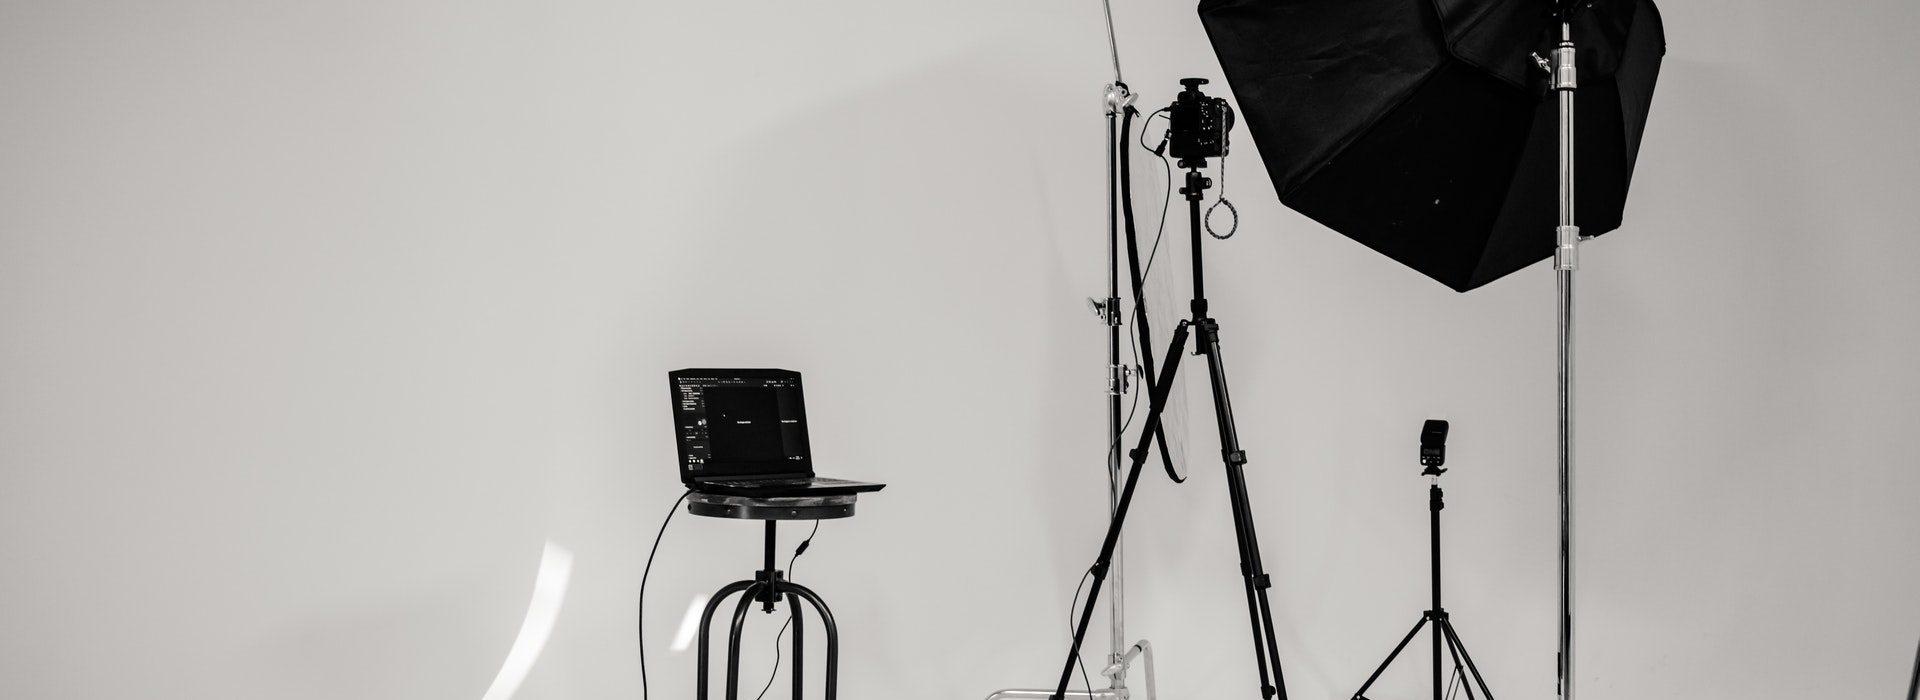 Fotostudio bei Fotoworkshop mit Kamera und Blitzgerät